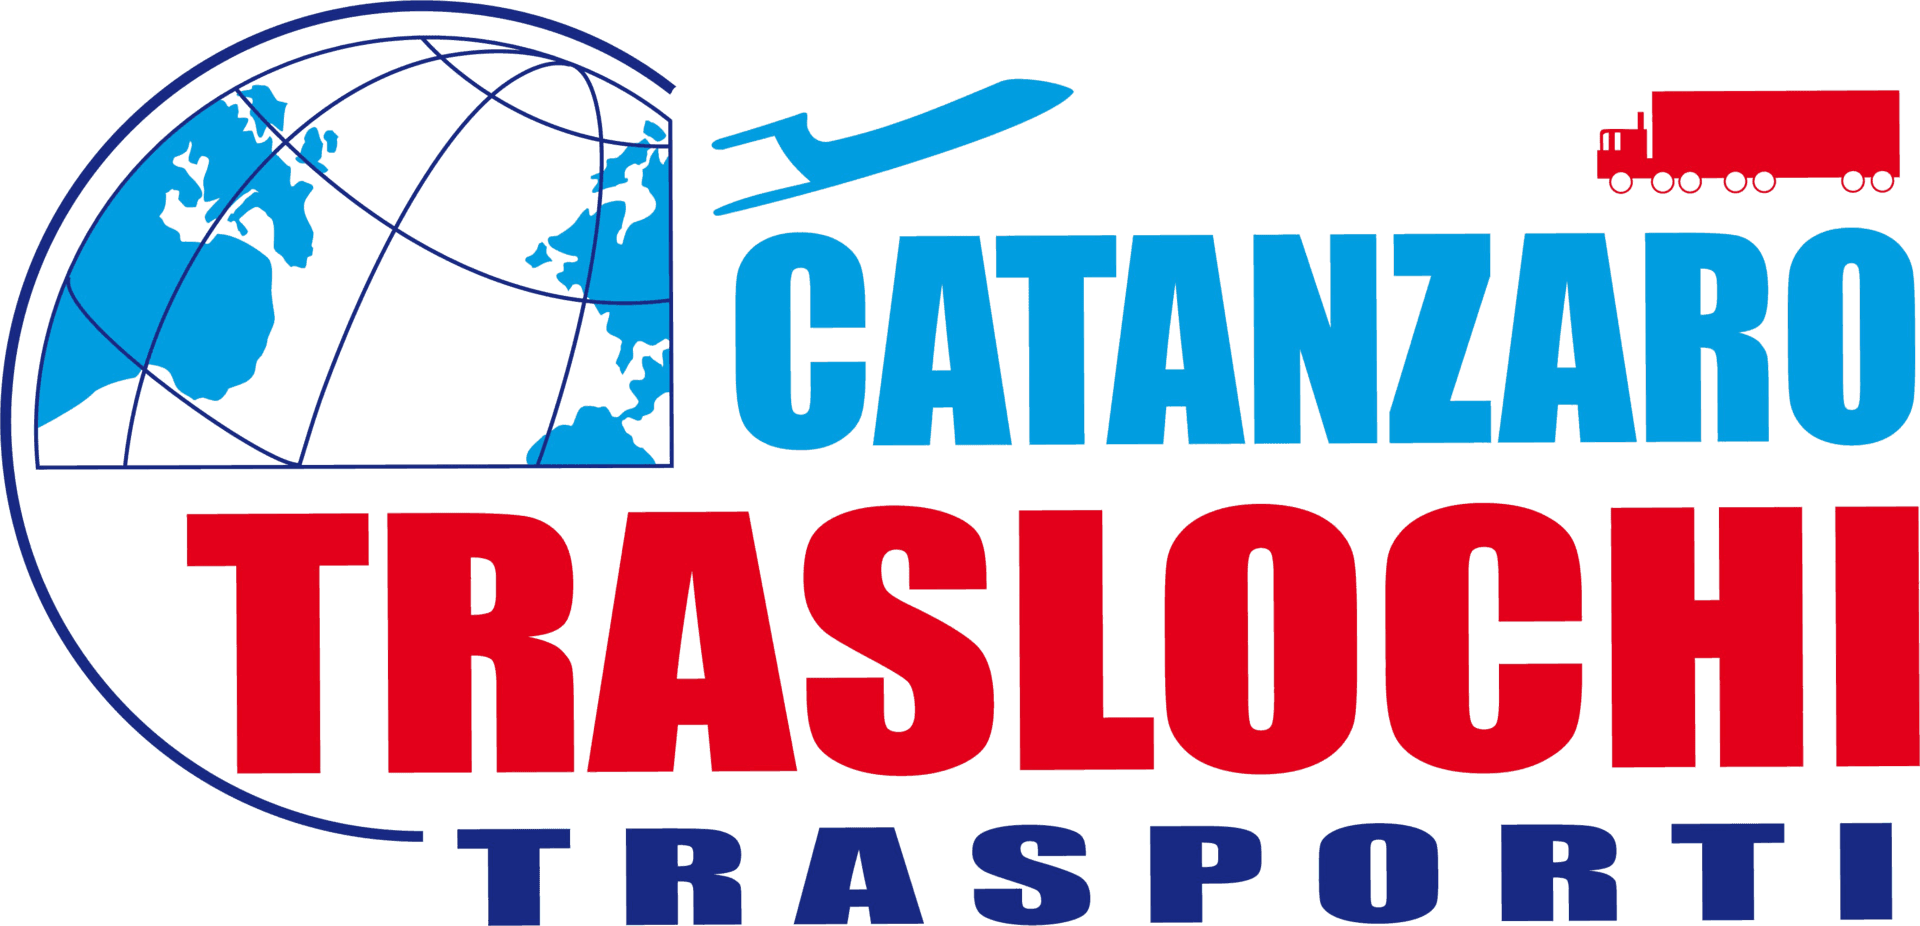 Traslochi E Autotrasporti Catanzaro - Logo